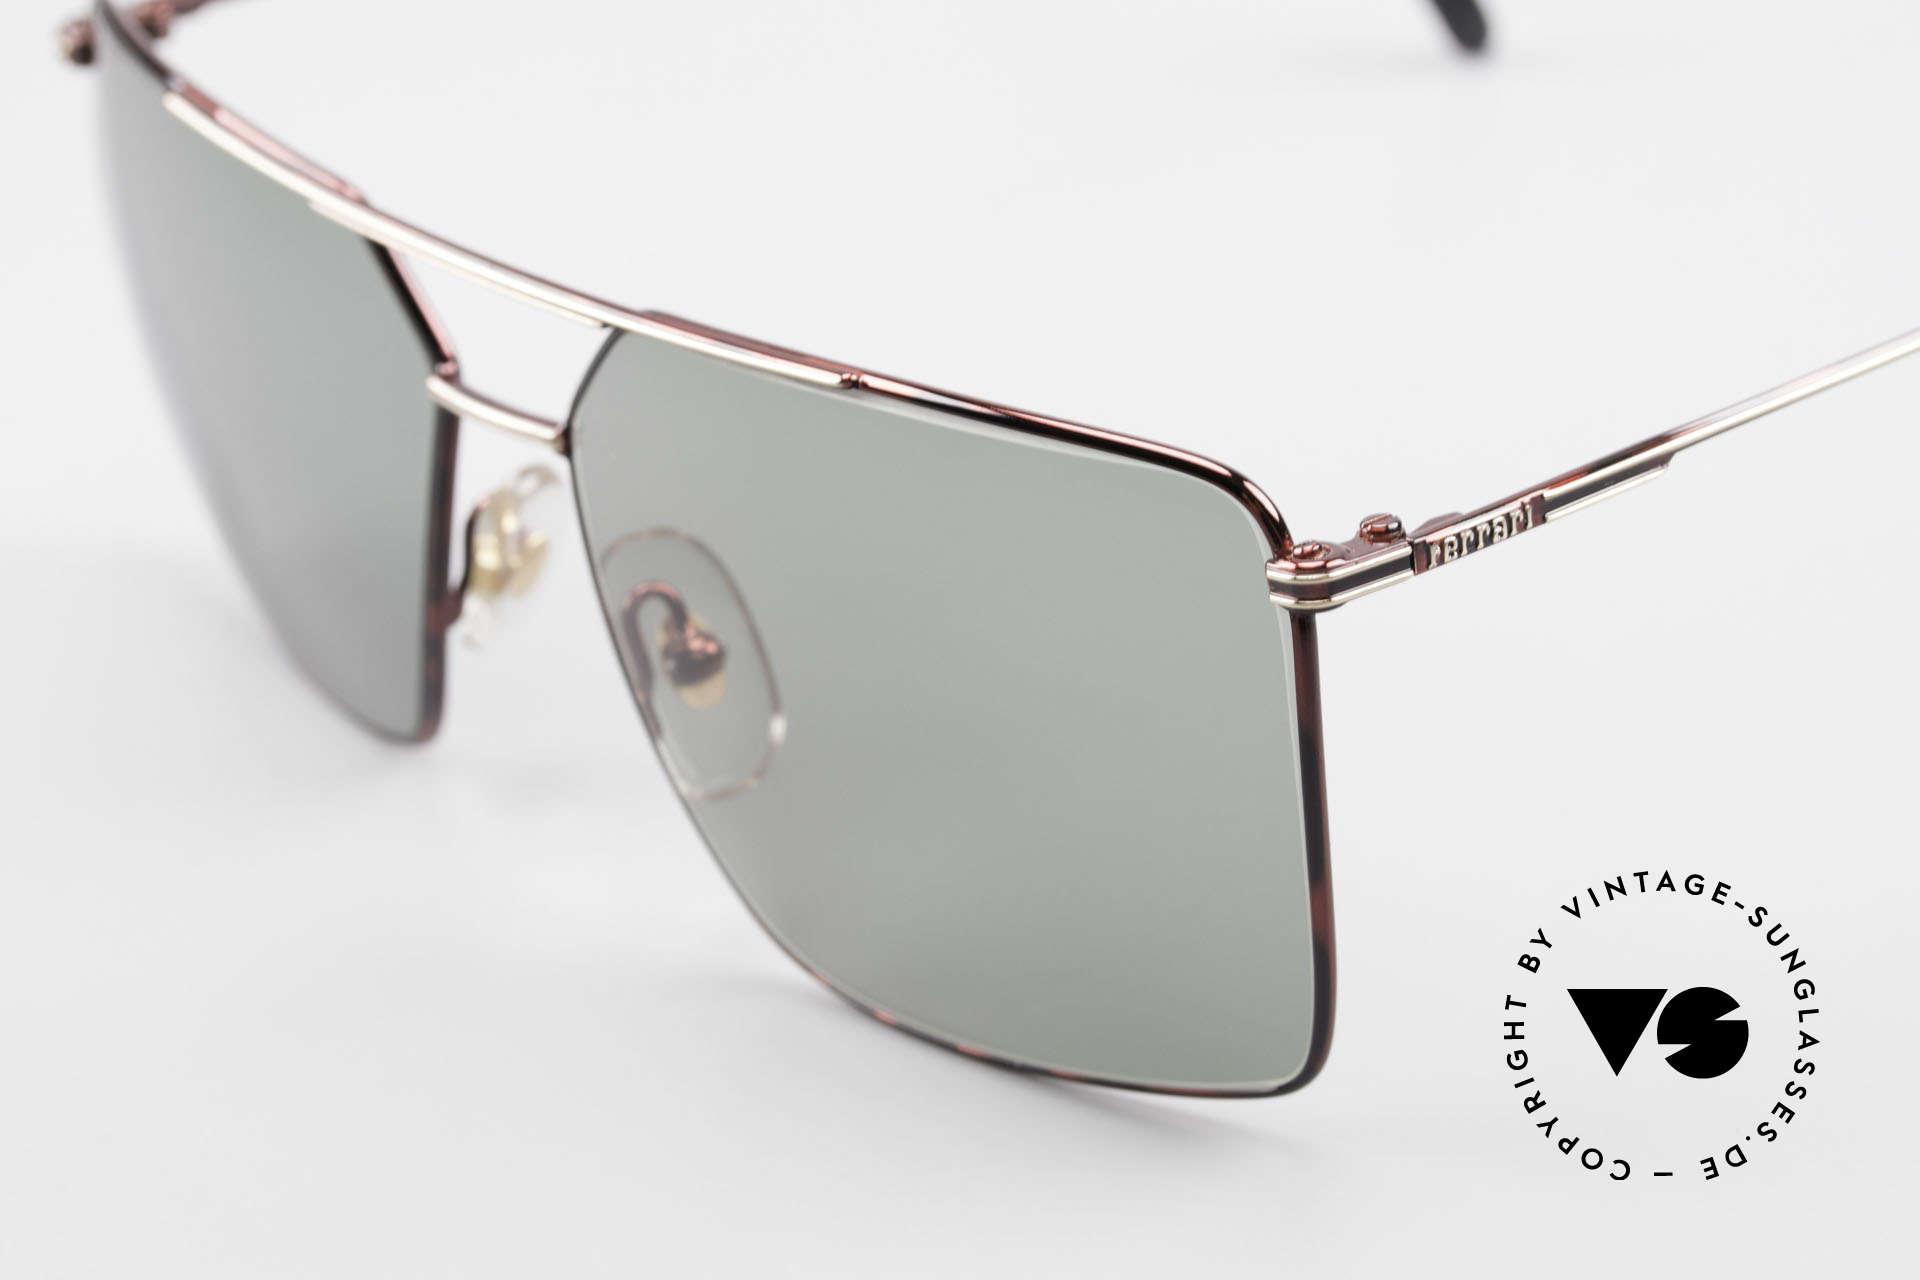 Ferrari F46 Ferrari Formula 1 Sunglasses, never worn (like all our vintage 90's Ferrari specs), Made for Men